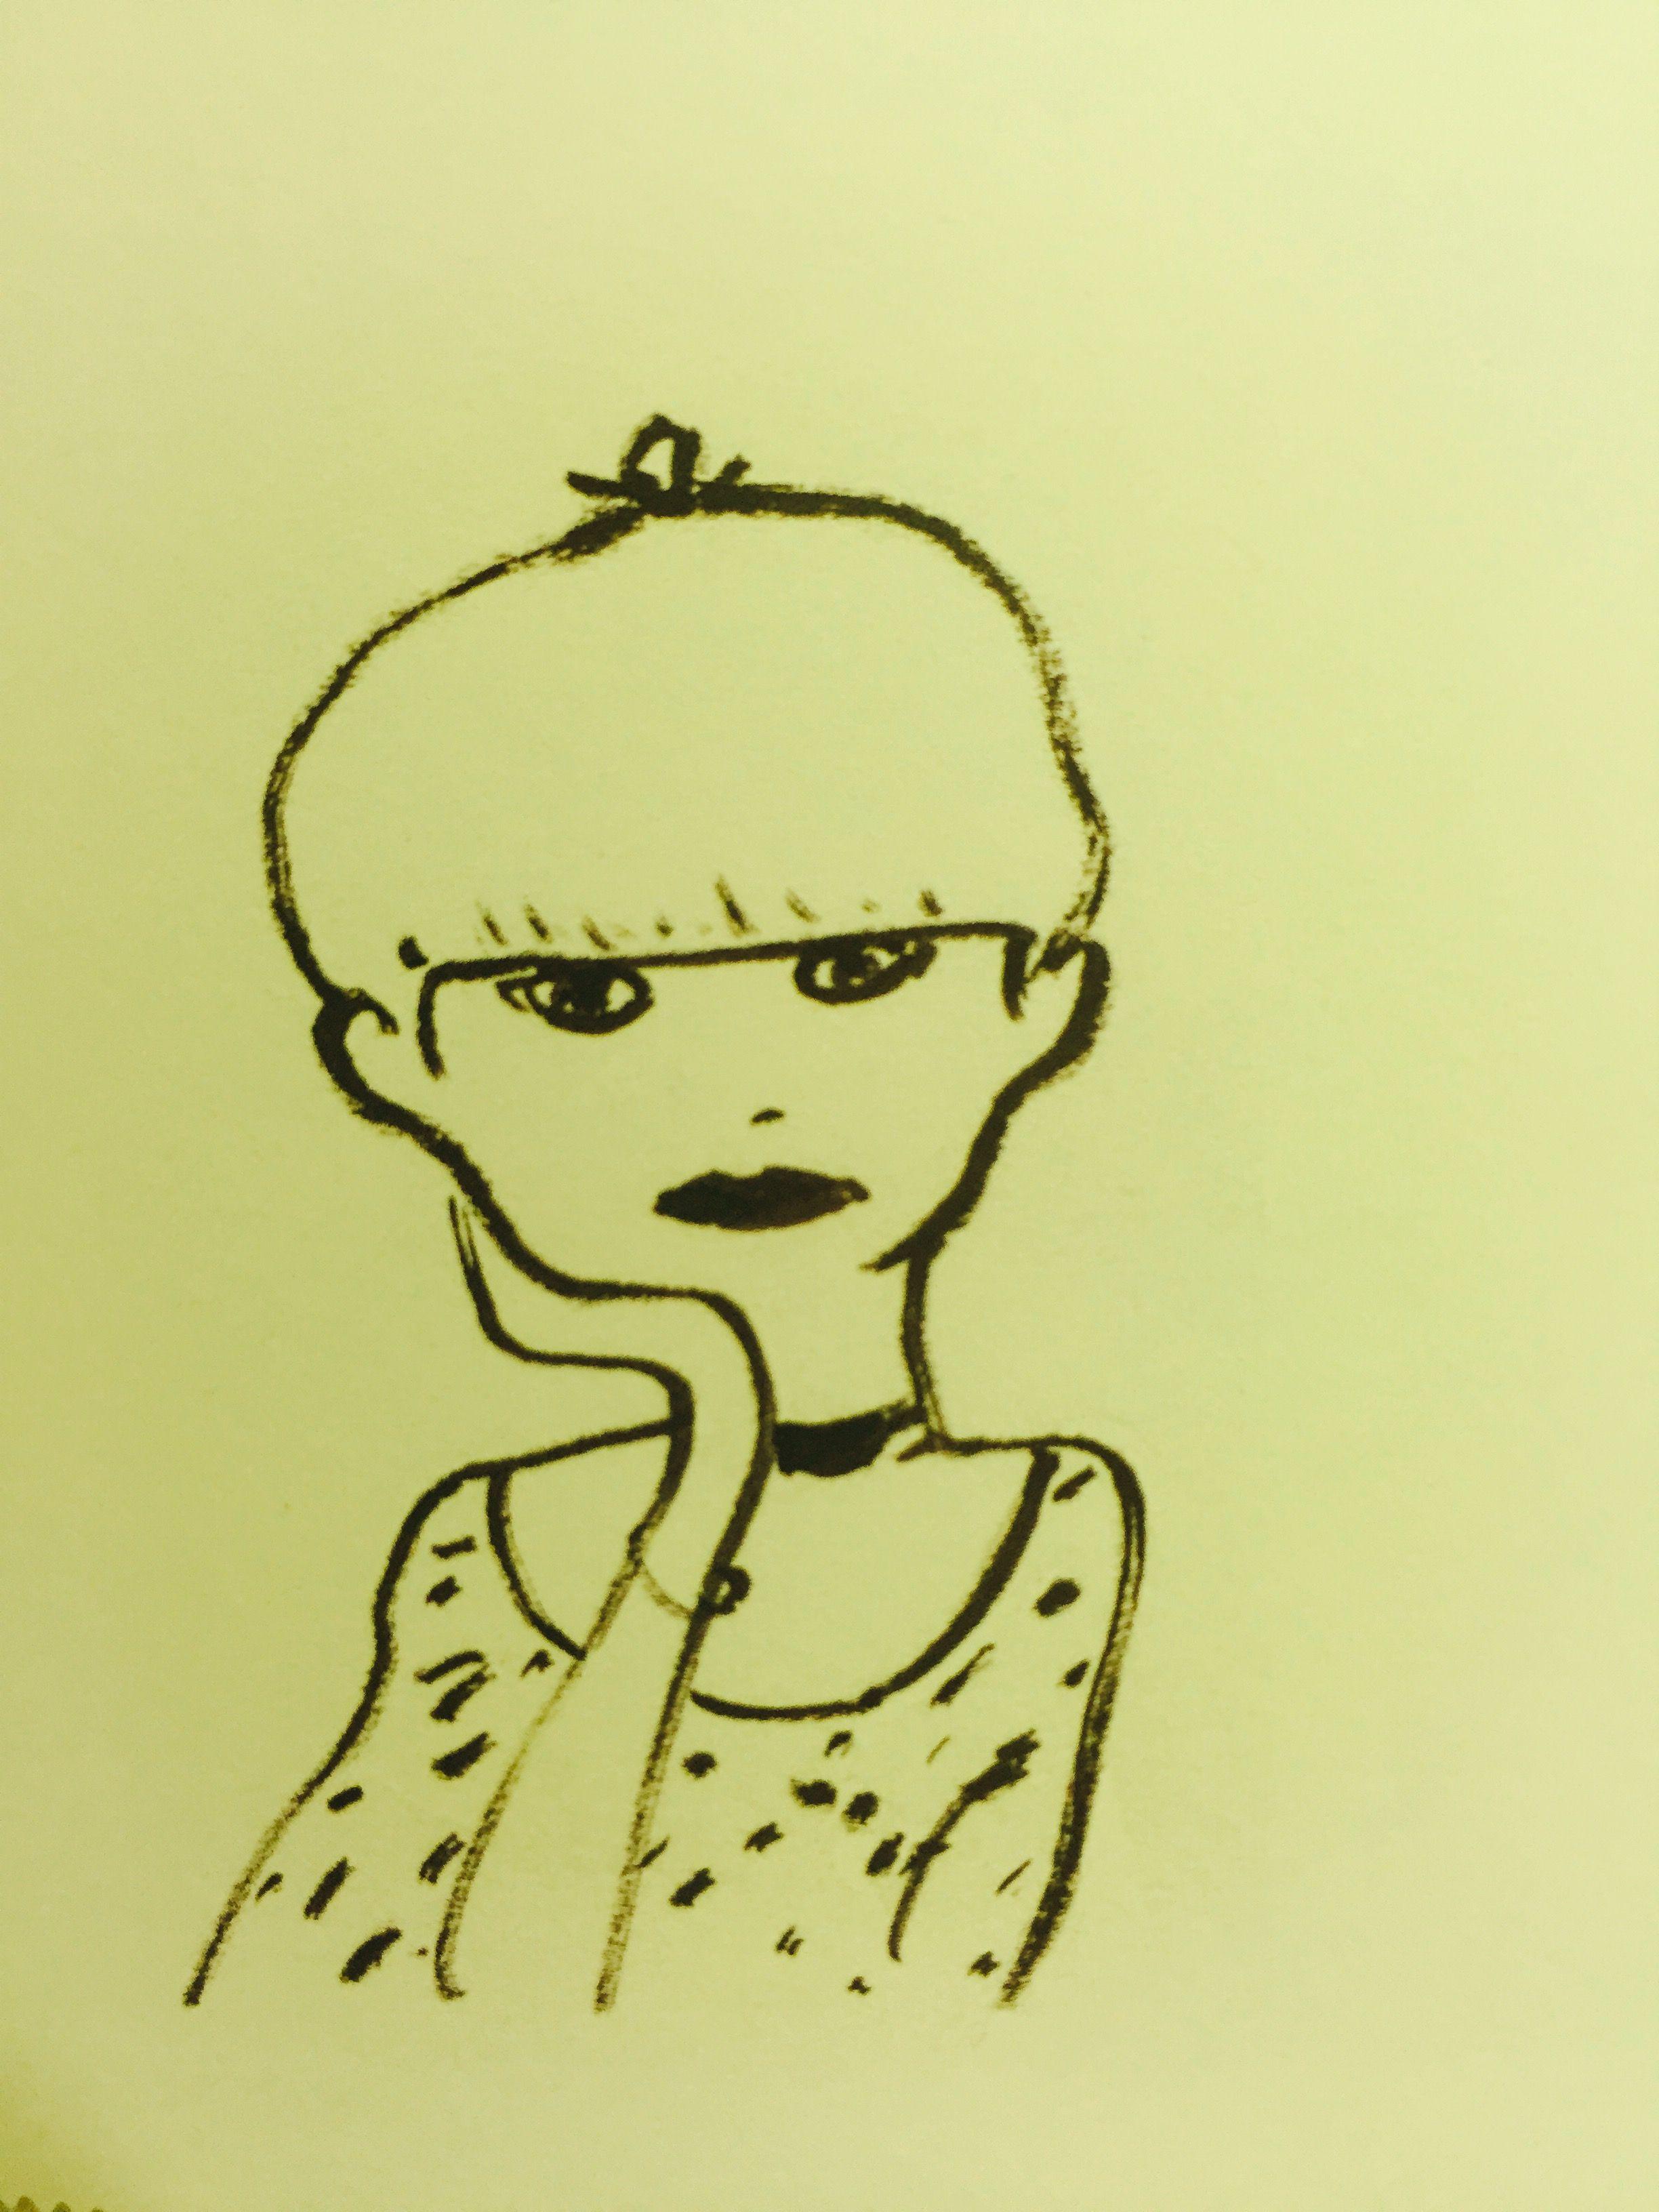 黒柳 徹子 イラスト かわいいフリー素材集 いらすとや